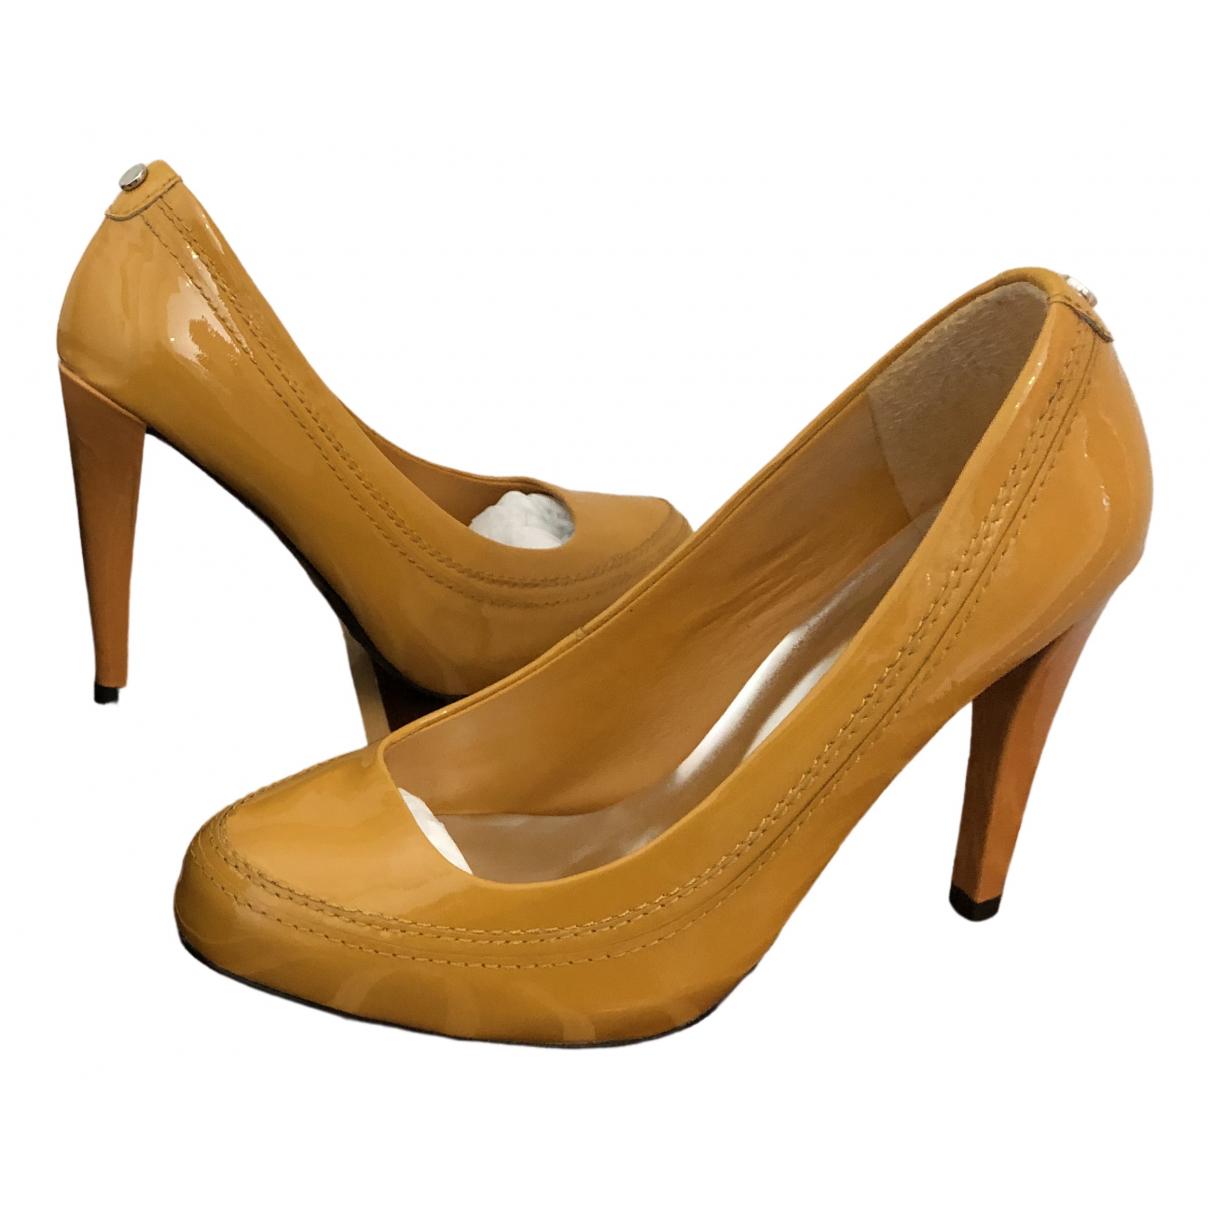 Karen Millen - Escarpins   pour femme en cuir verni - jaune